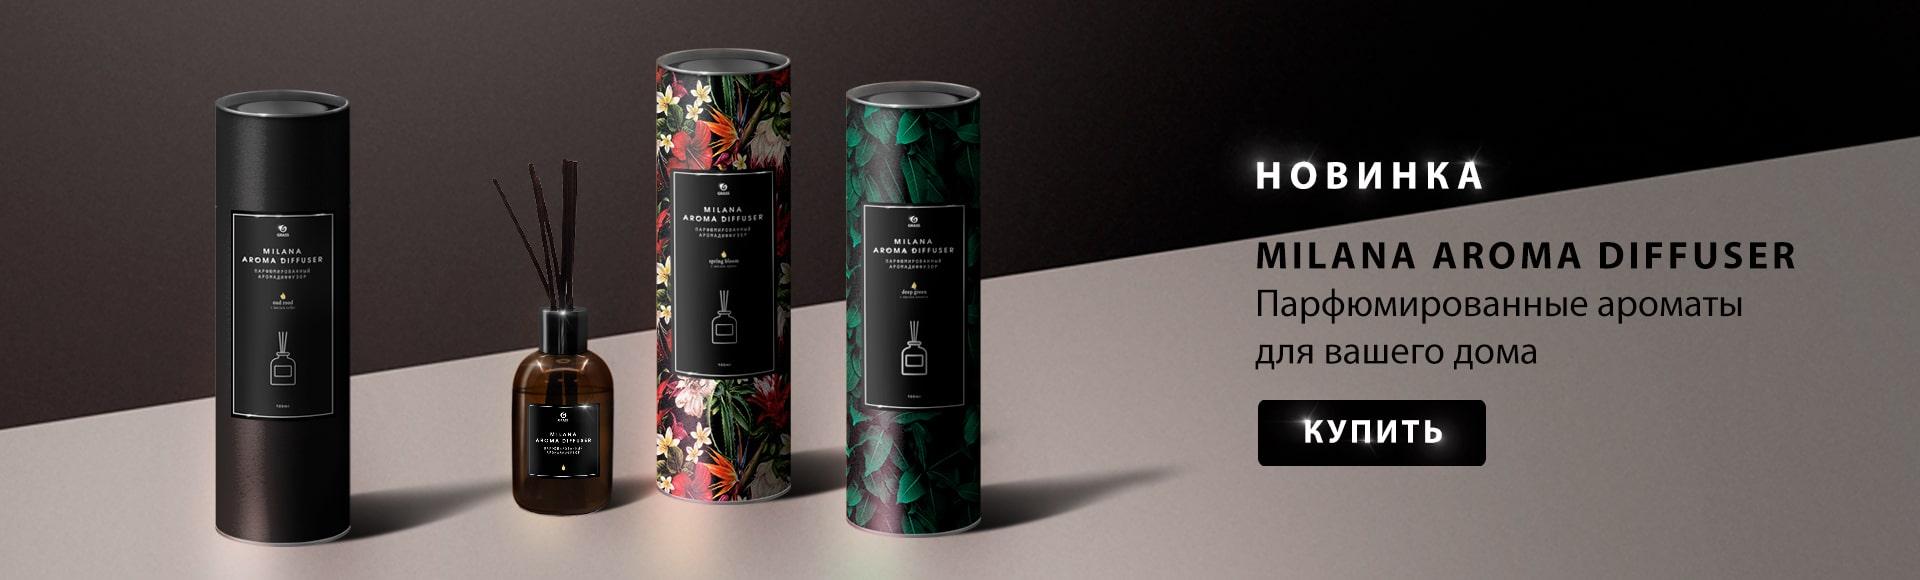 Milana Aroma Diffuser - парфюмированные ароматы для вашего дома